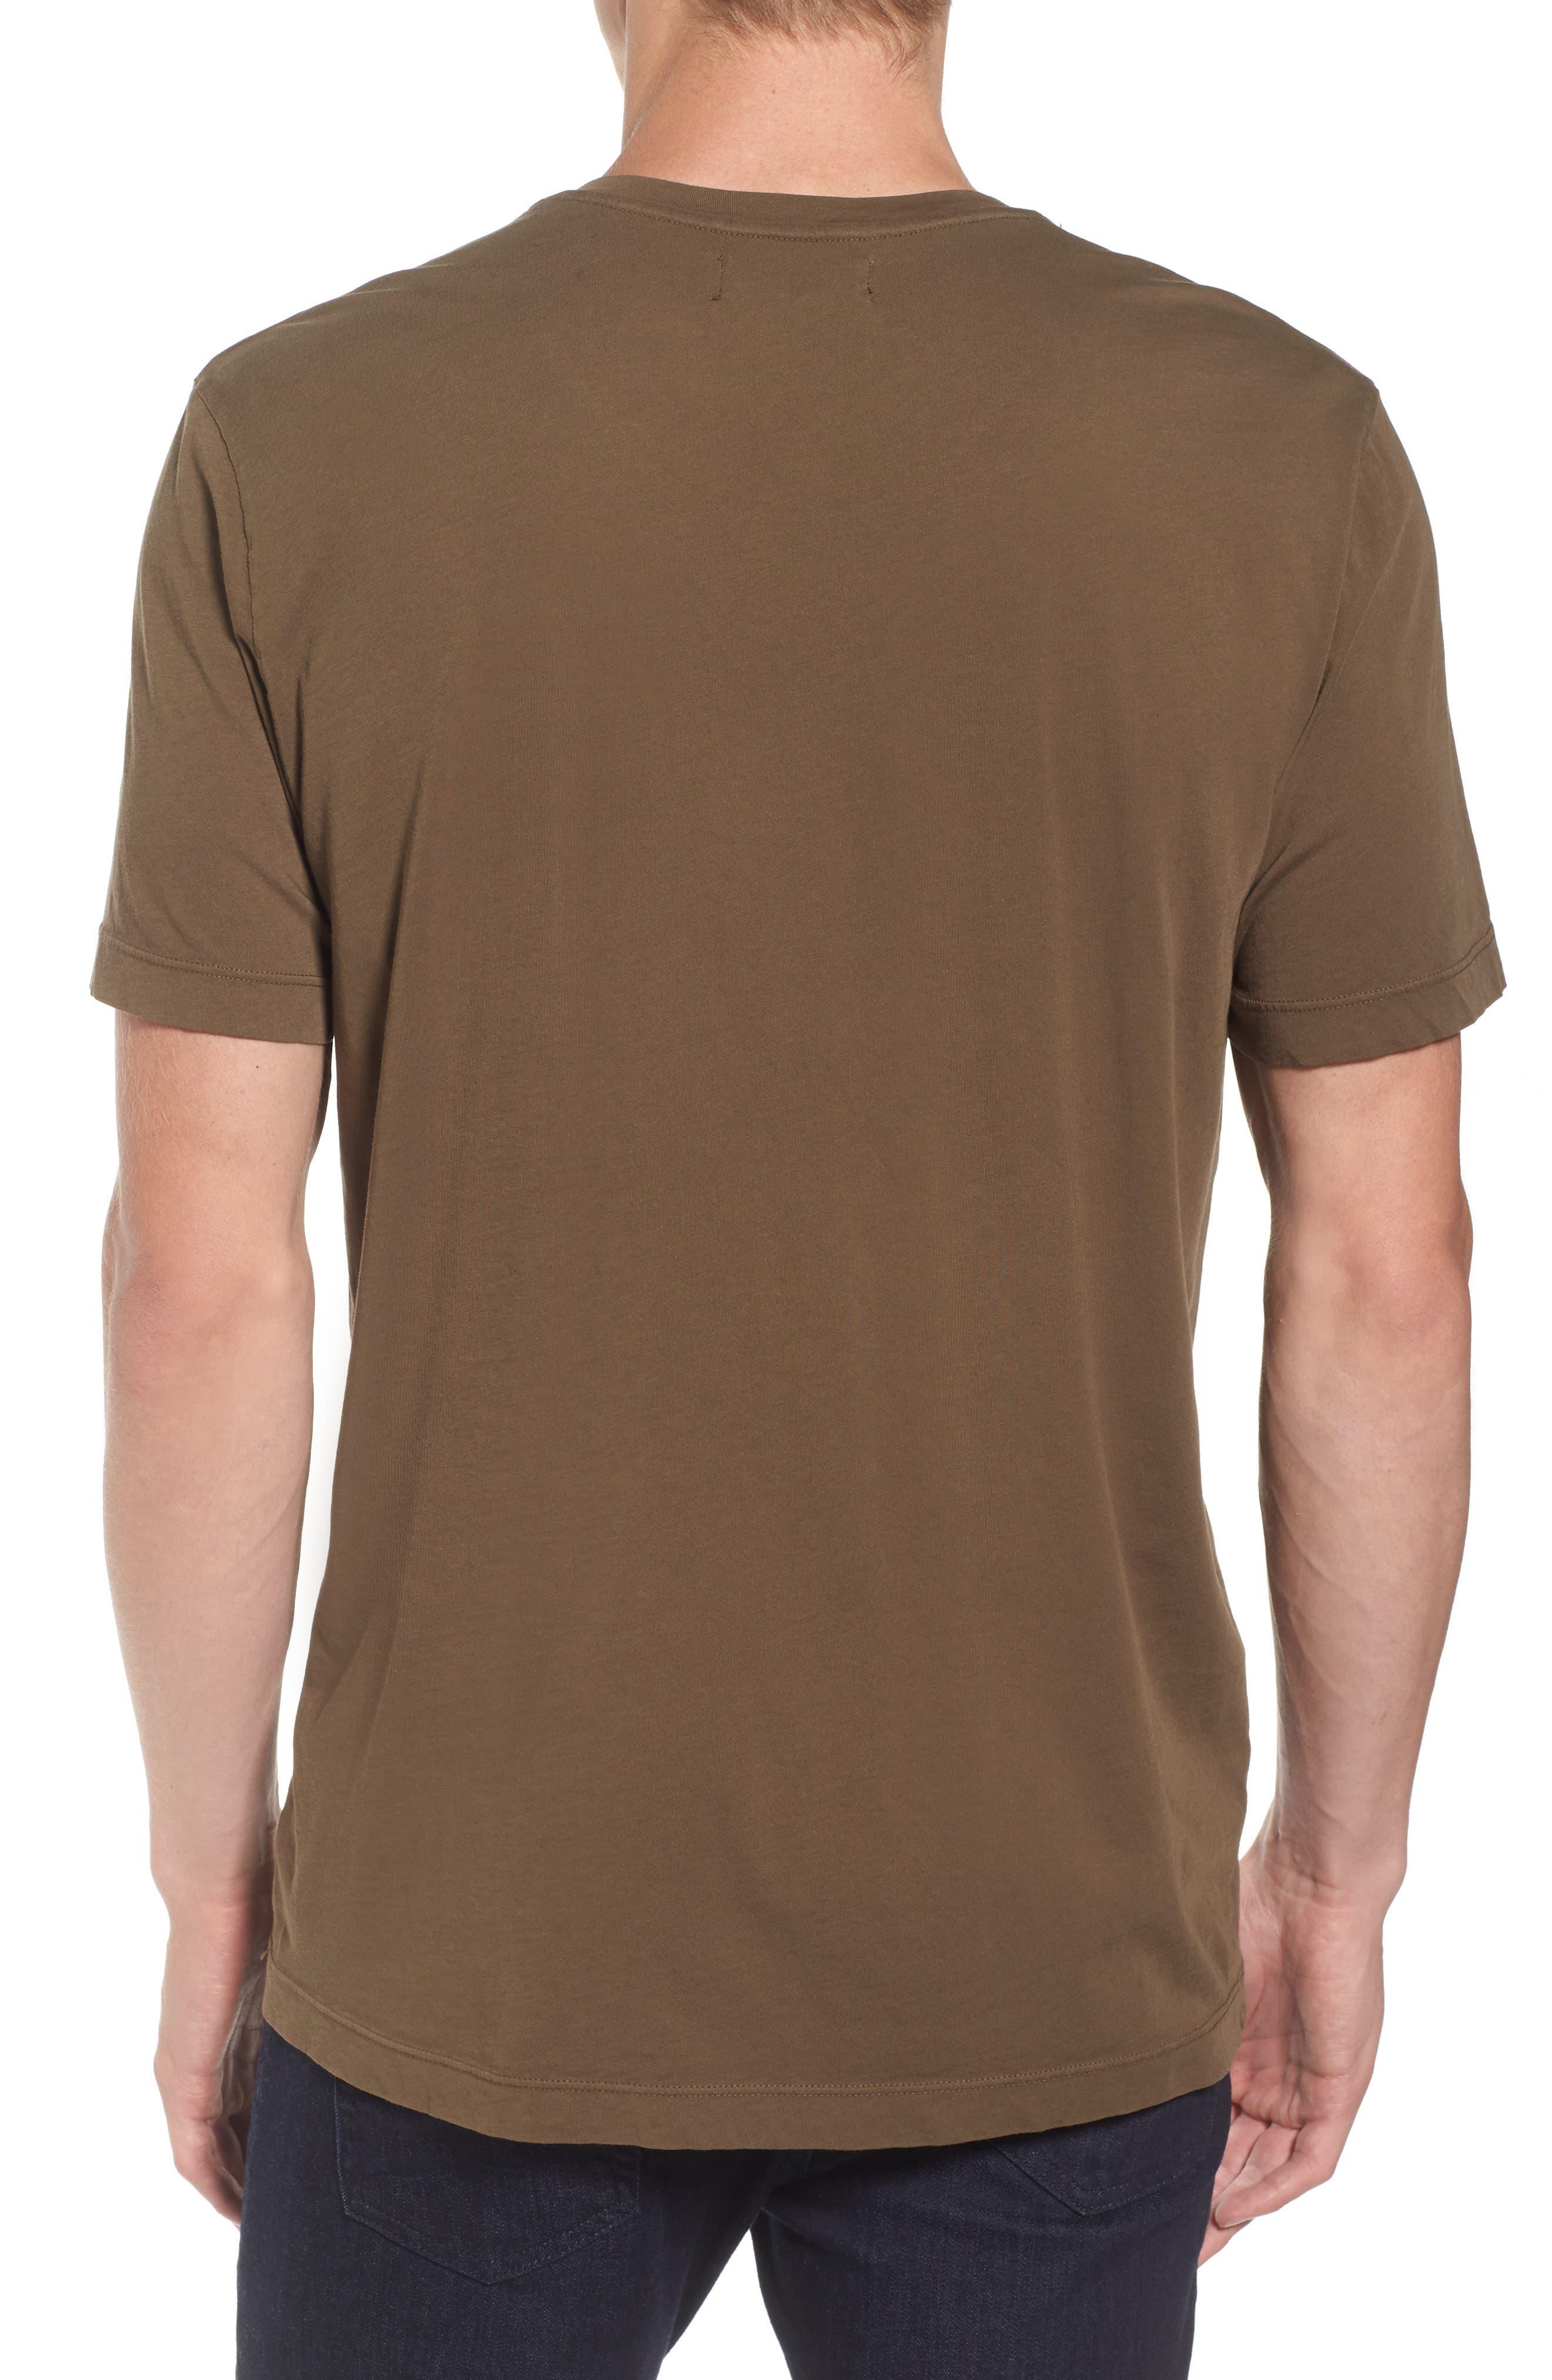 Alternate Image 2  - Velvet by Graham & Spencer 'Howard' Crewneck T-Shirt